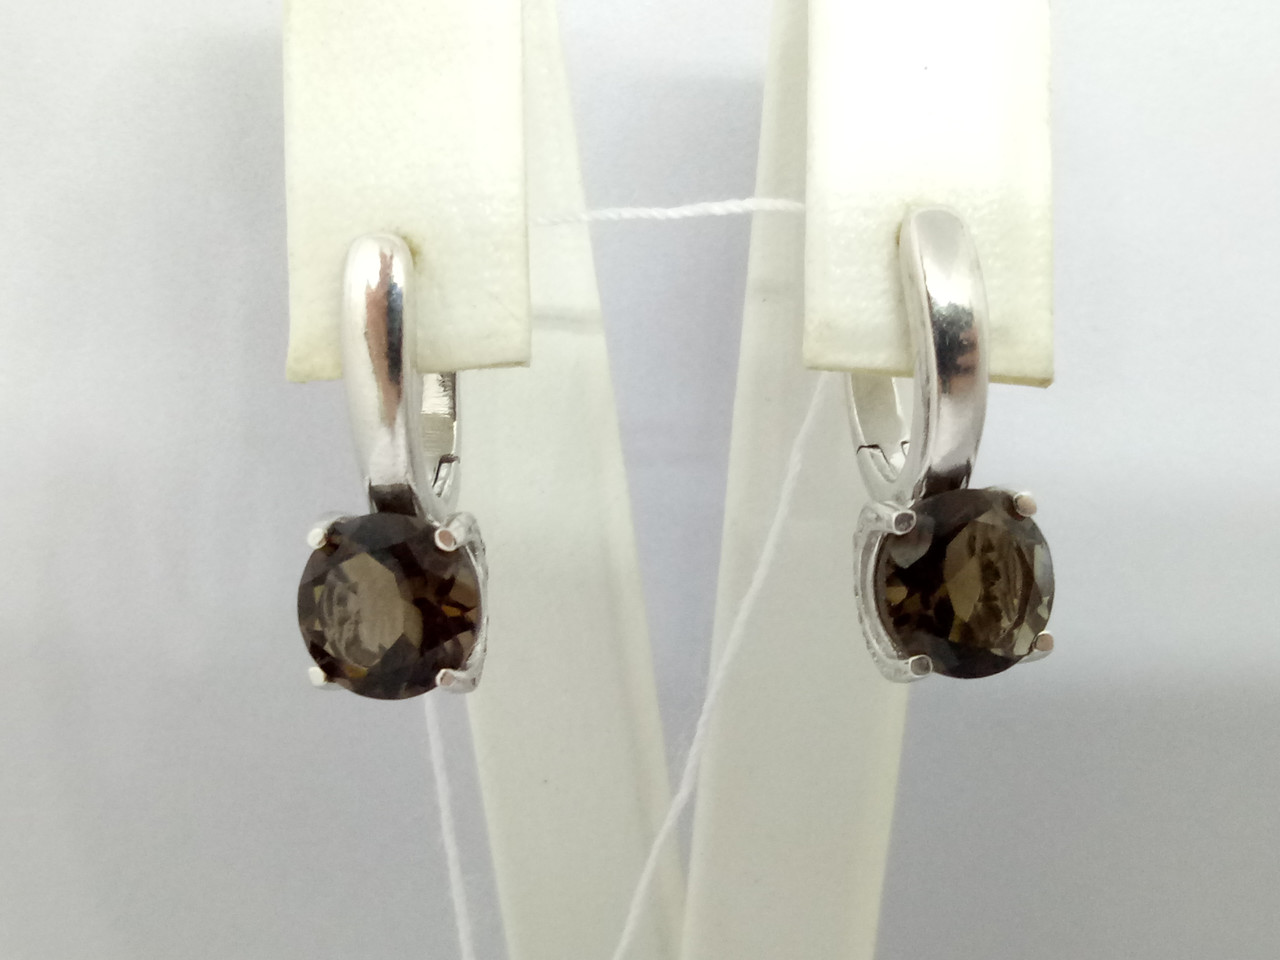 Серебряные серьги Адриатика с дымчатым кварцем. Артикул 2936/9Р-QSMK